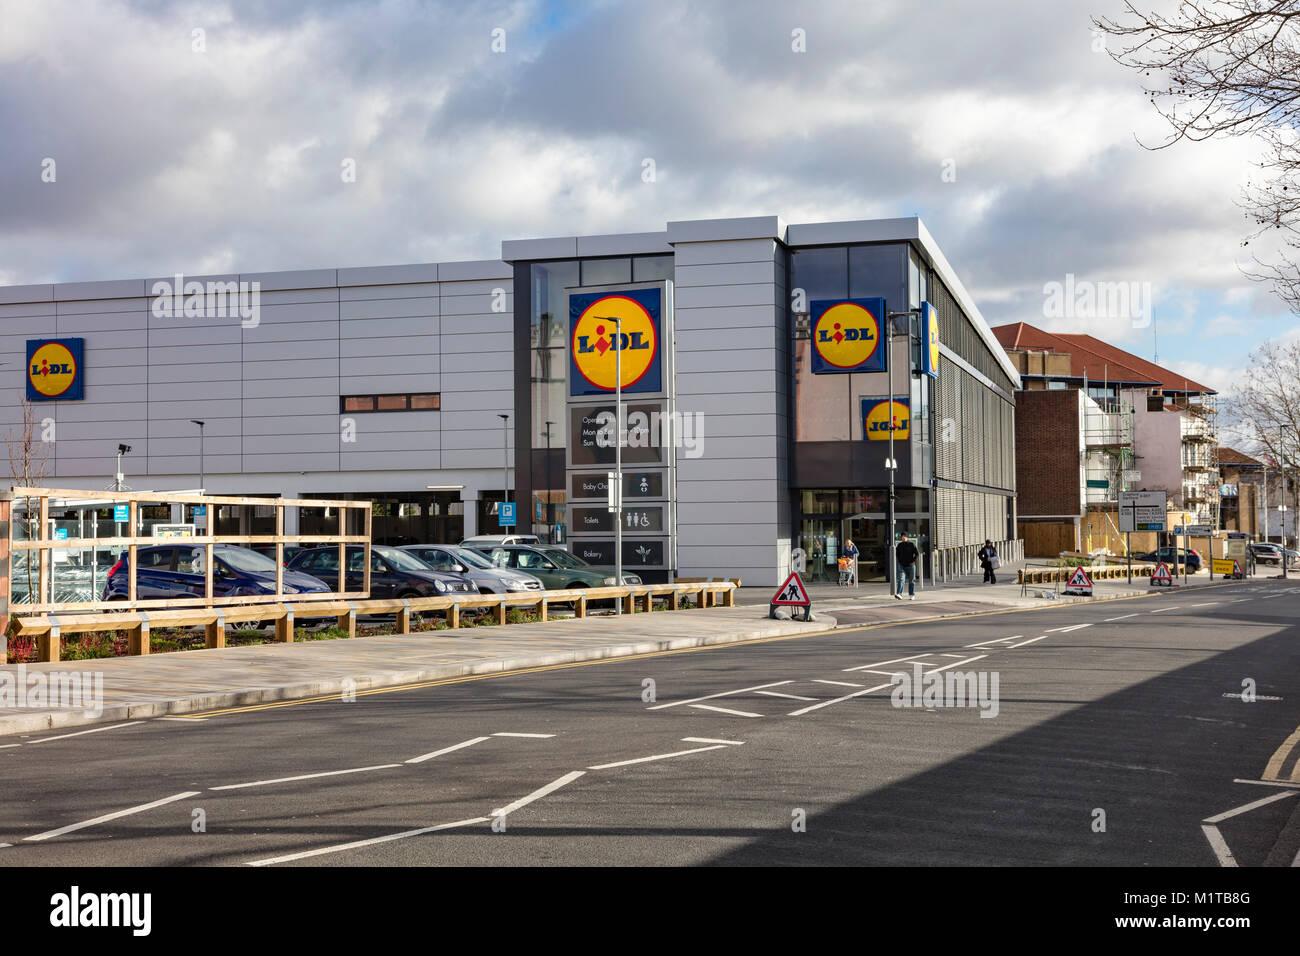 Grande negozio Lidl nel centro di Bexleyheath, London Borough of Bexley, Regno Unito Immagini Stock